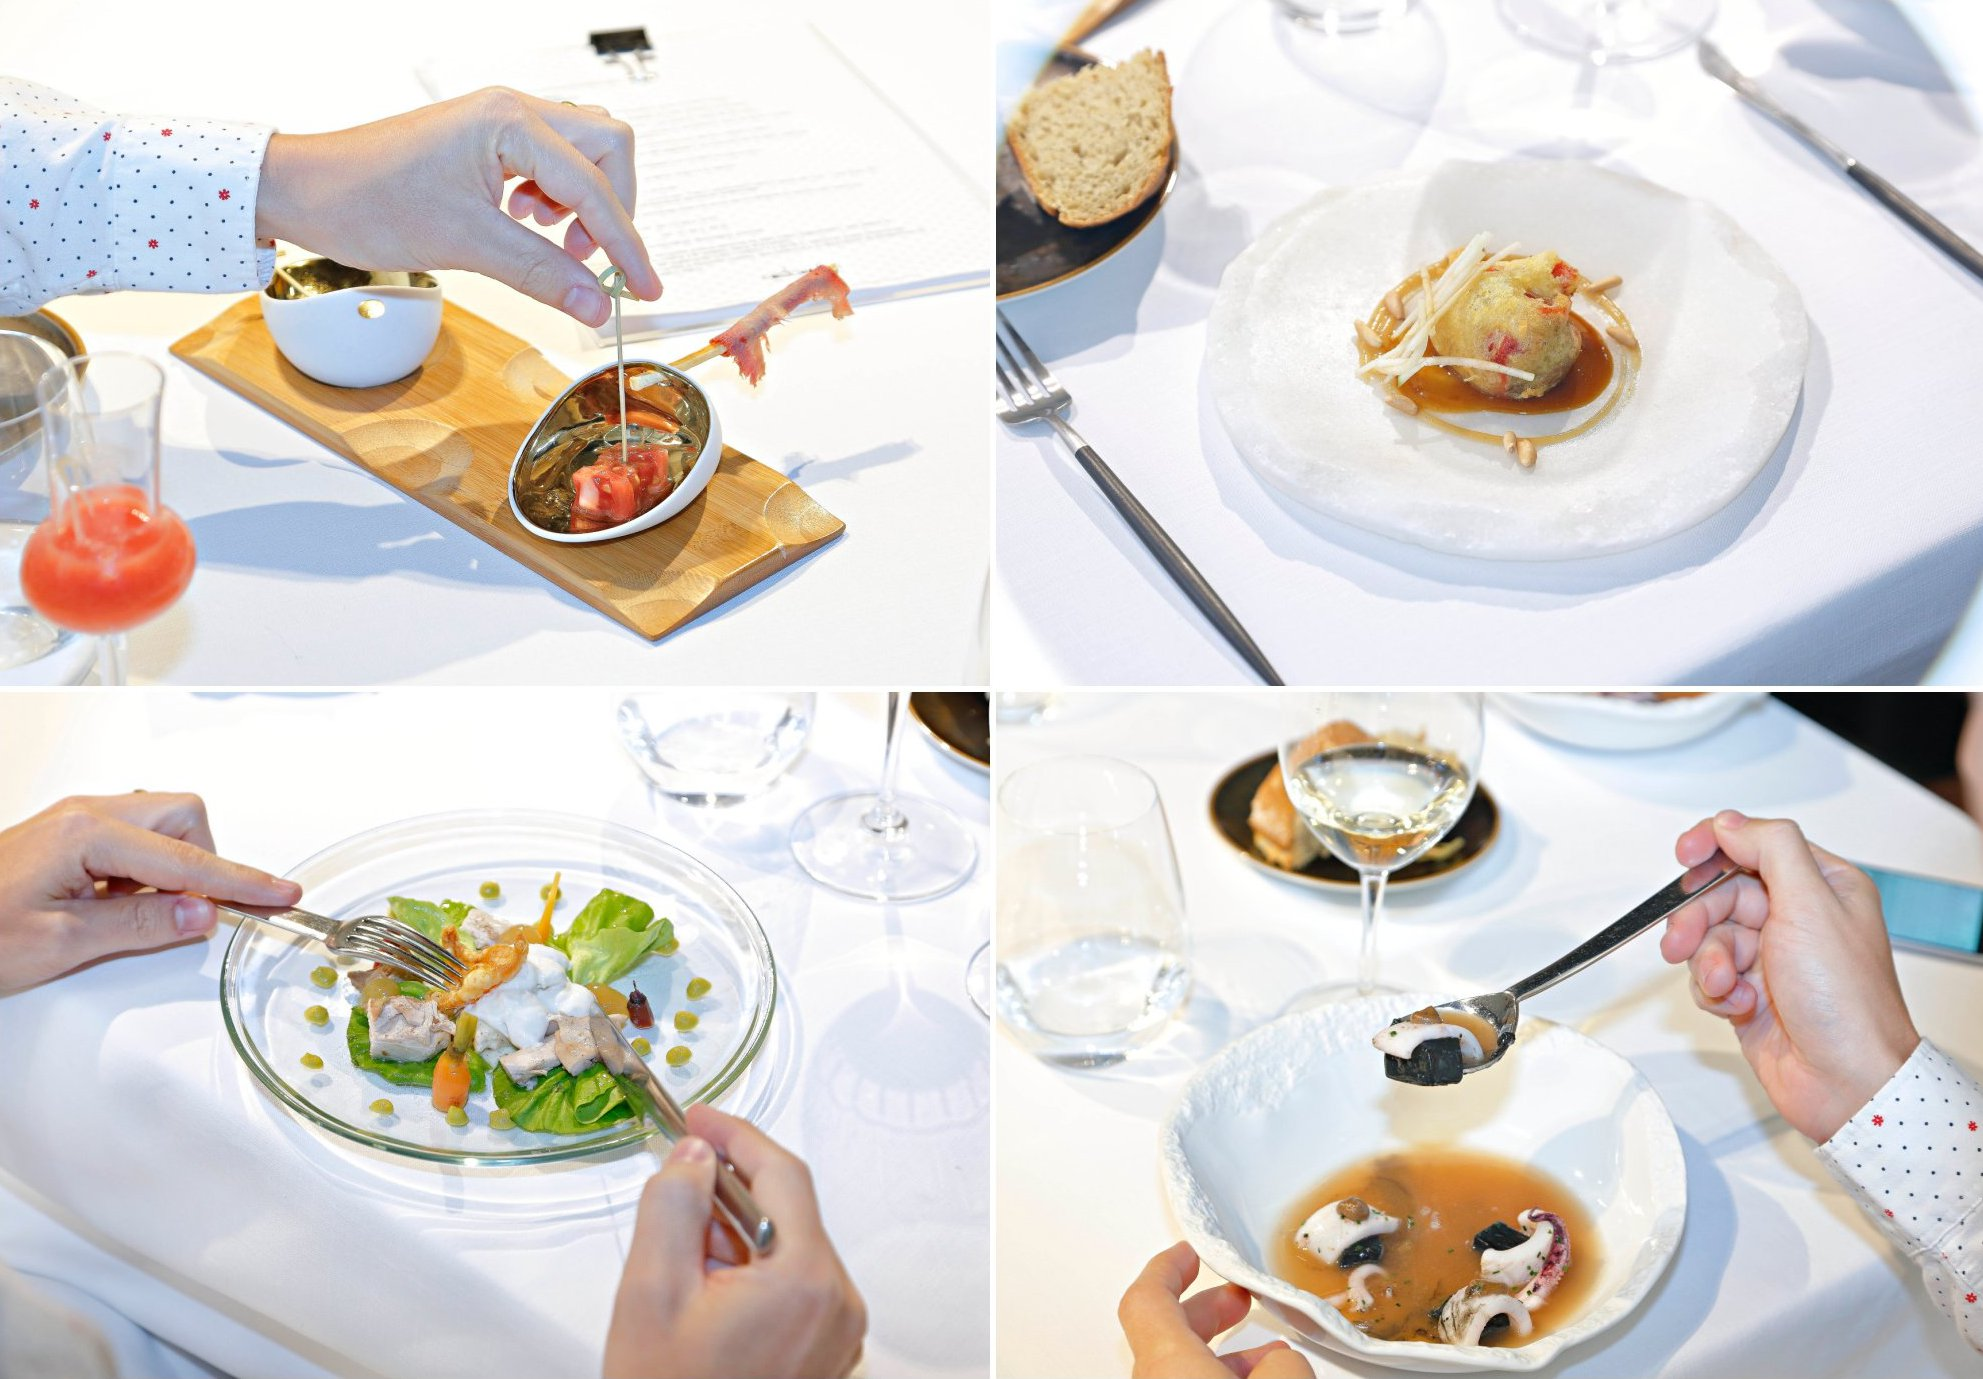 Propuestas del Menú 534: tomates de Mansilla de las Mulas; rulo de pimientos asados, morcilla, piñones y manzanas; ensalada césar de perdiz escabechada; y guiso de patata kuzu, calamar y alioli de ajo negro.